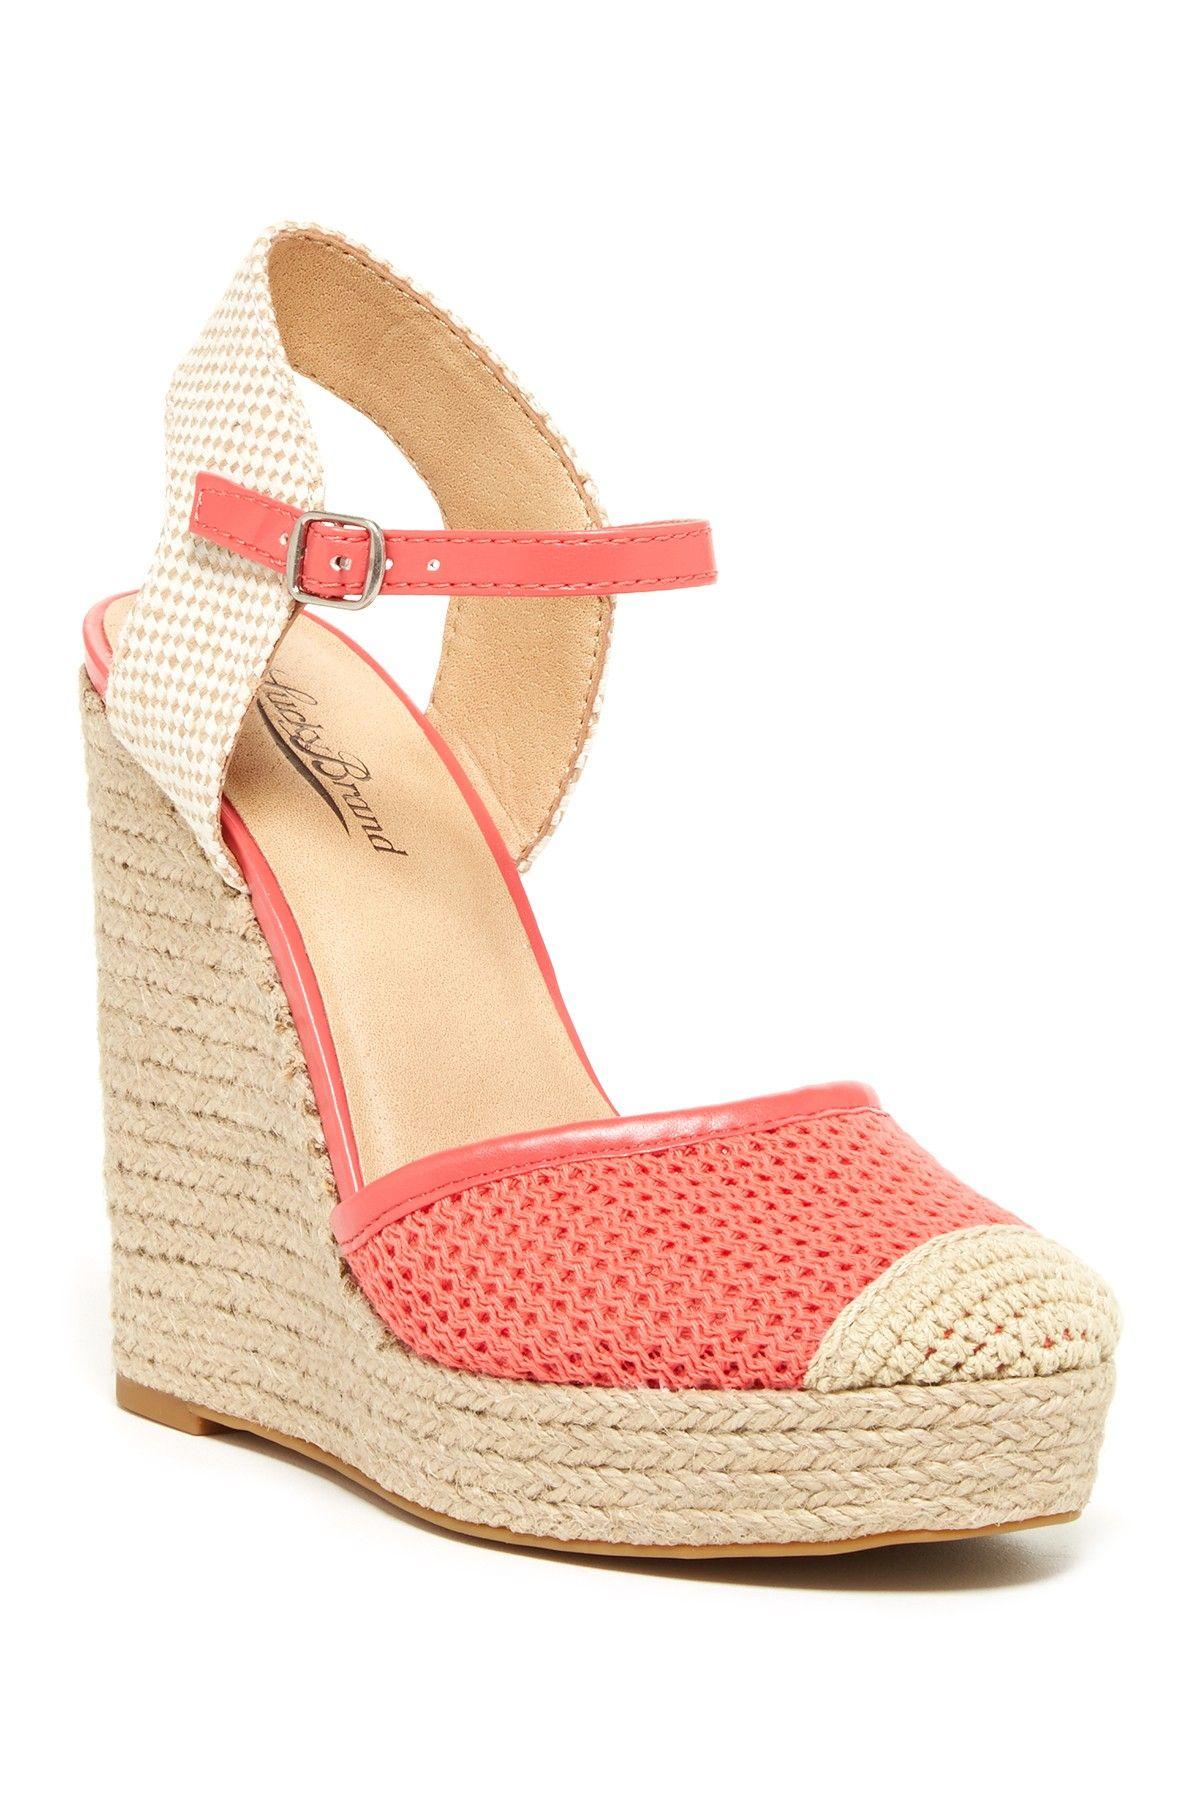 d96096f1f28 Reandra Wedge Sandal on HauteLook